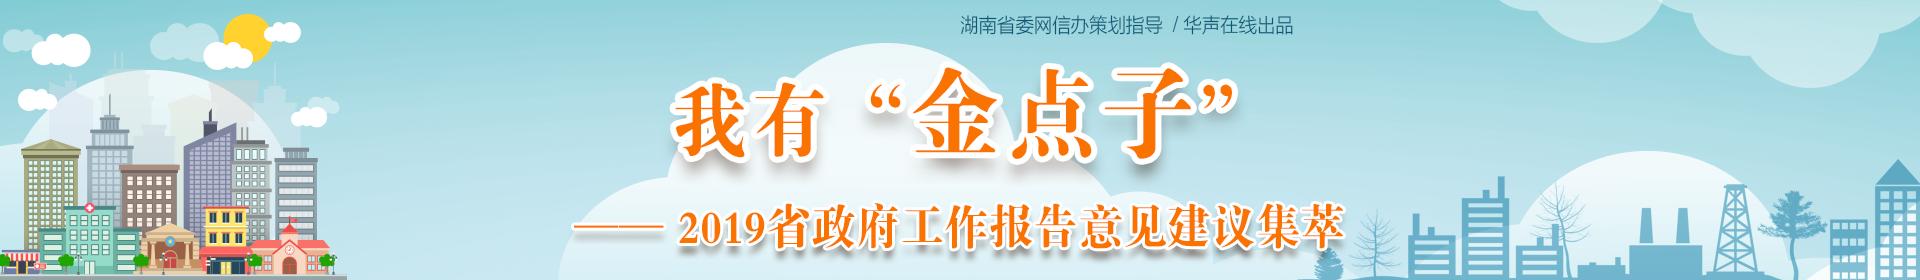 """我有""""金点子""""—— 2019省政府工作报告意见建议集萃"""